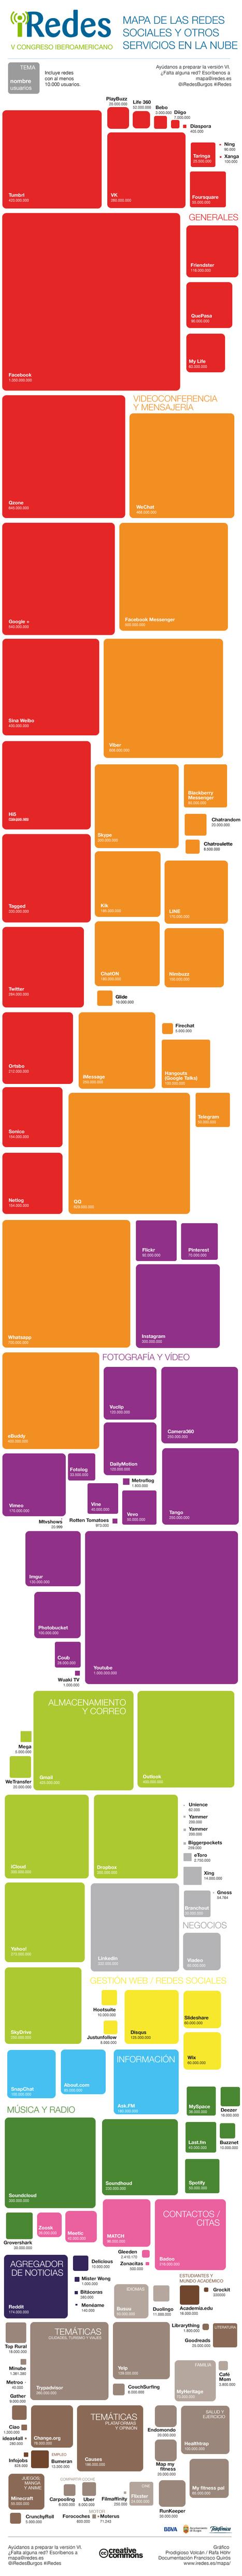 mapa redes sociales y servicios en la nube 2015 | Educación 2.0 | Scoop.it